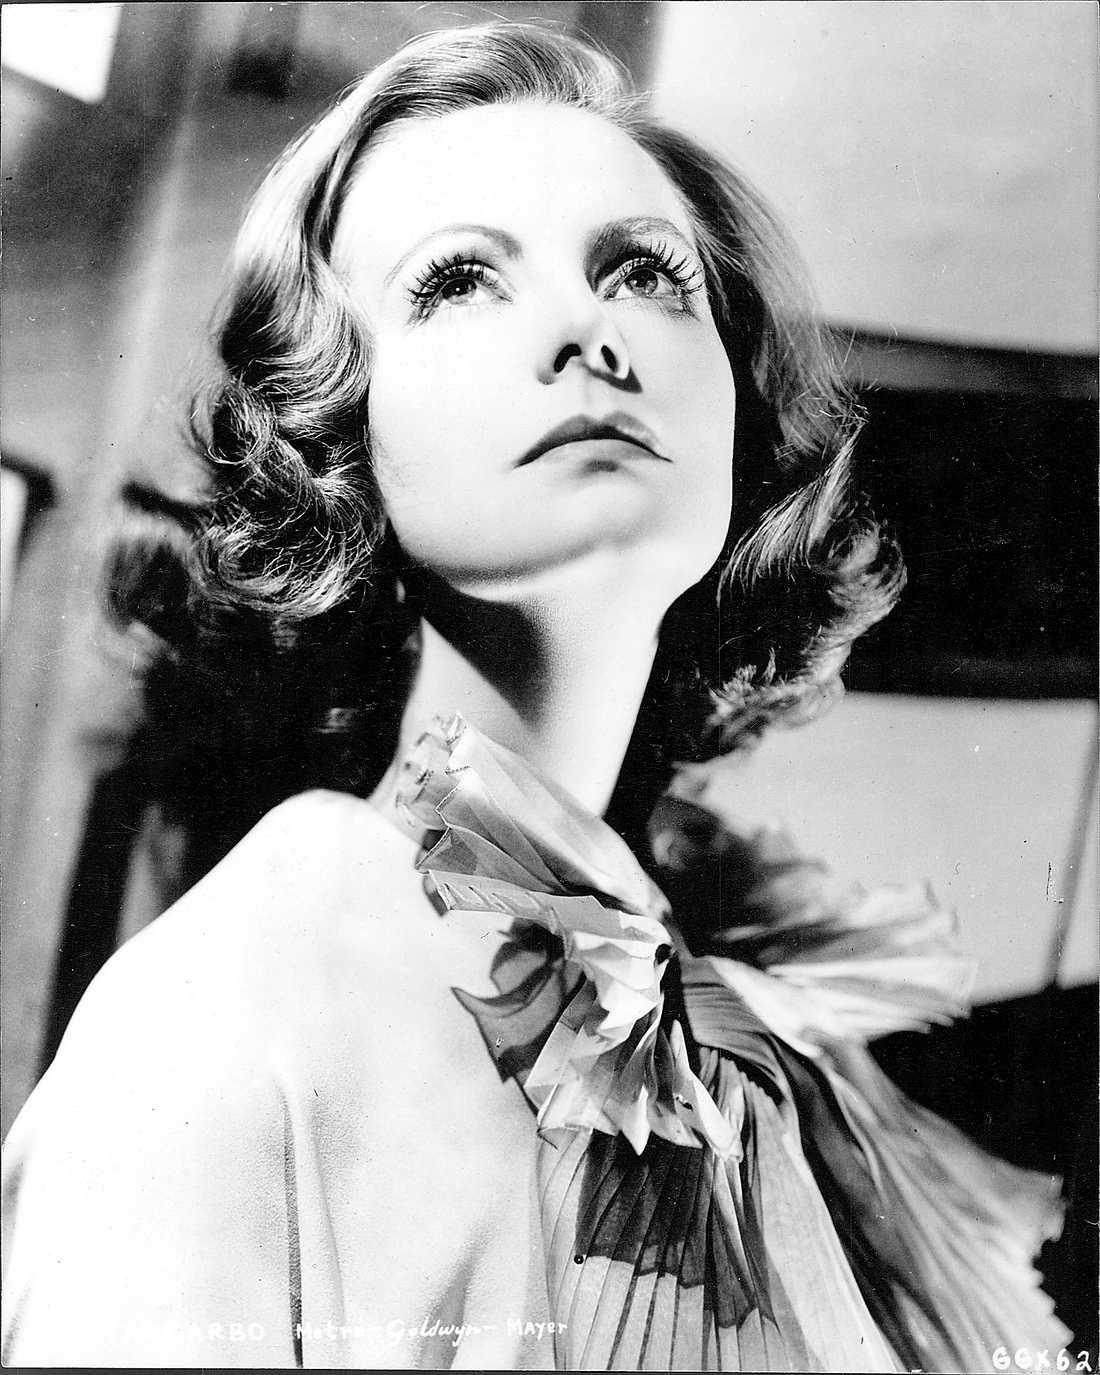 hade flickvän Greta Garbo (1905–1990), född Gustafsson, var en av världens största filmskådespelare på 1920- och 1930-talen.